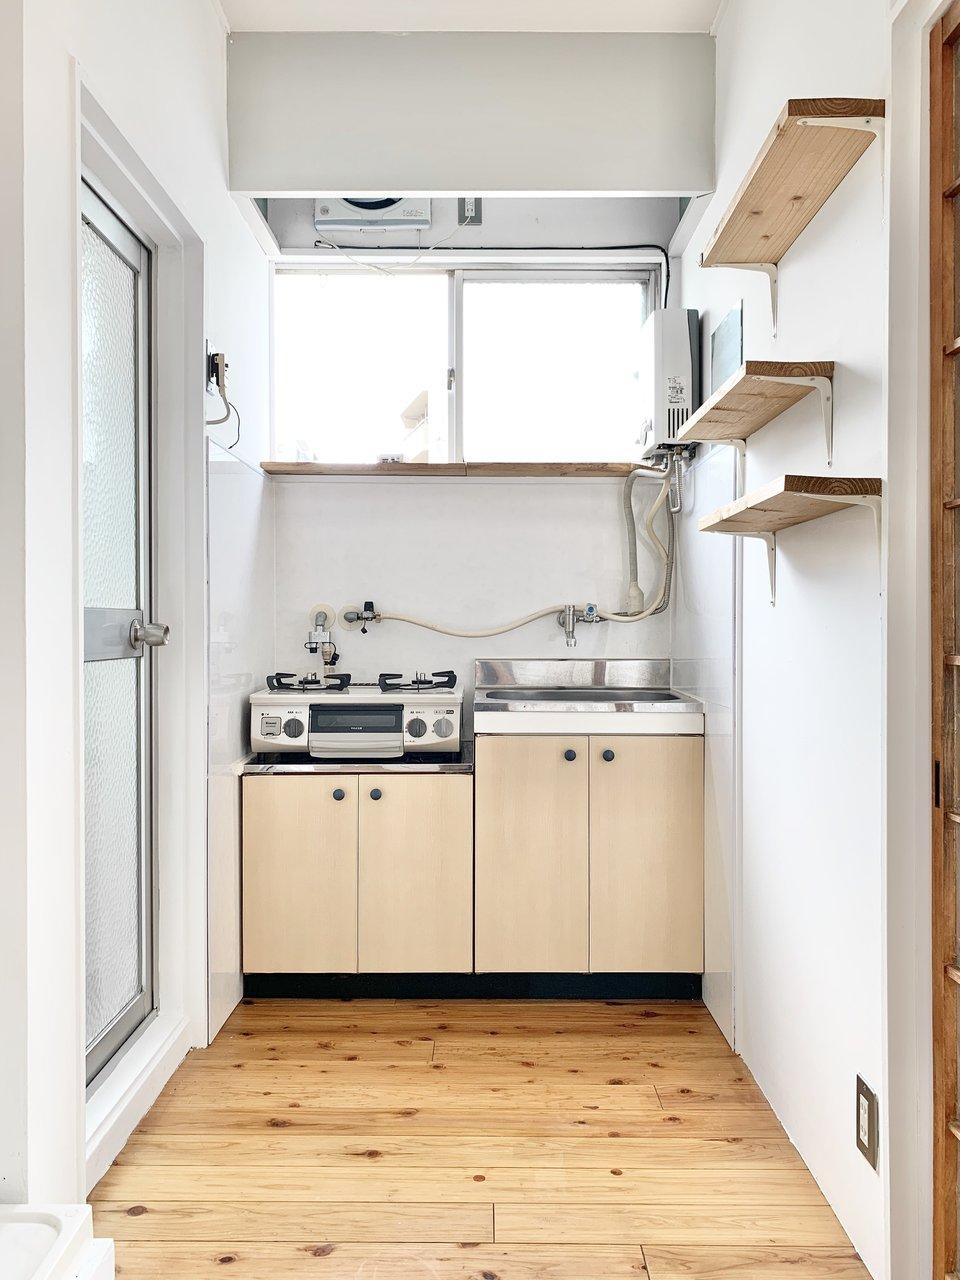 キッチンにも窓が付いていて、気持ちよく料理ができそうです。作業スペースがないので、背面に小さなカウンターをDIYしたら、このお部屋への愛着も一層わきそう。